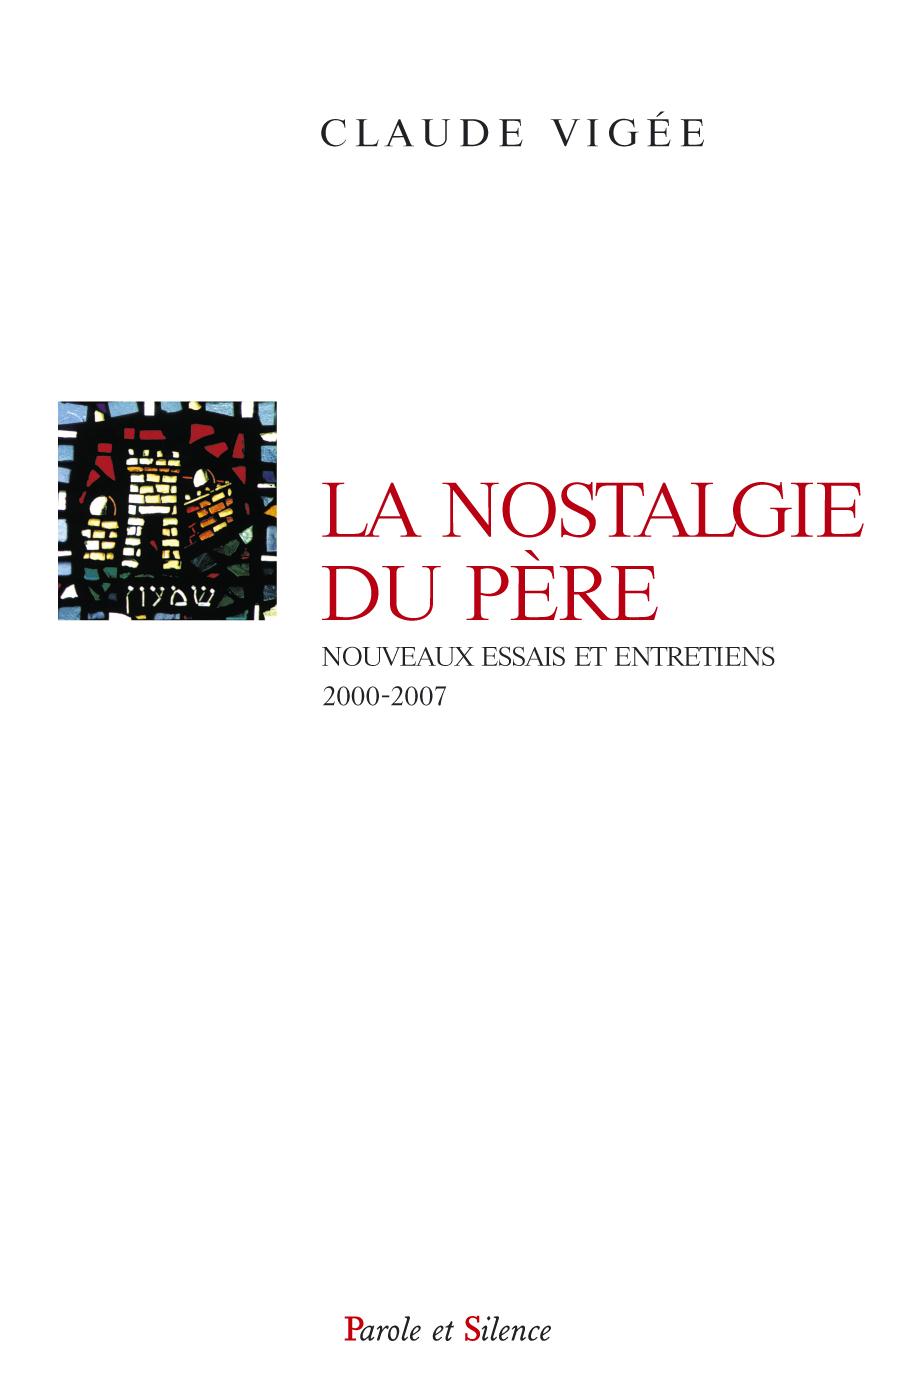 La nostalgie du père : nouveaux essais, entretiens et poèmes 2000-2007